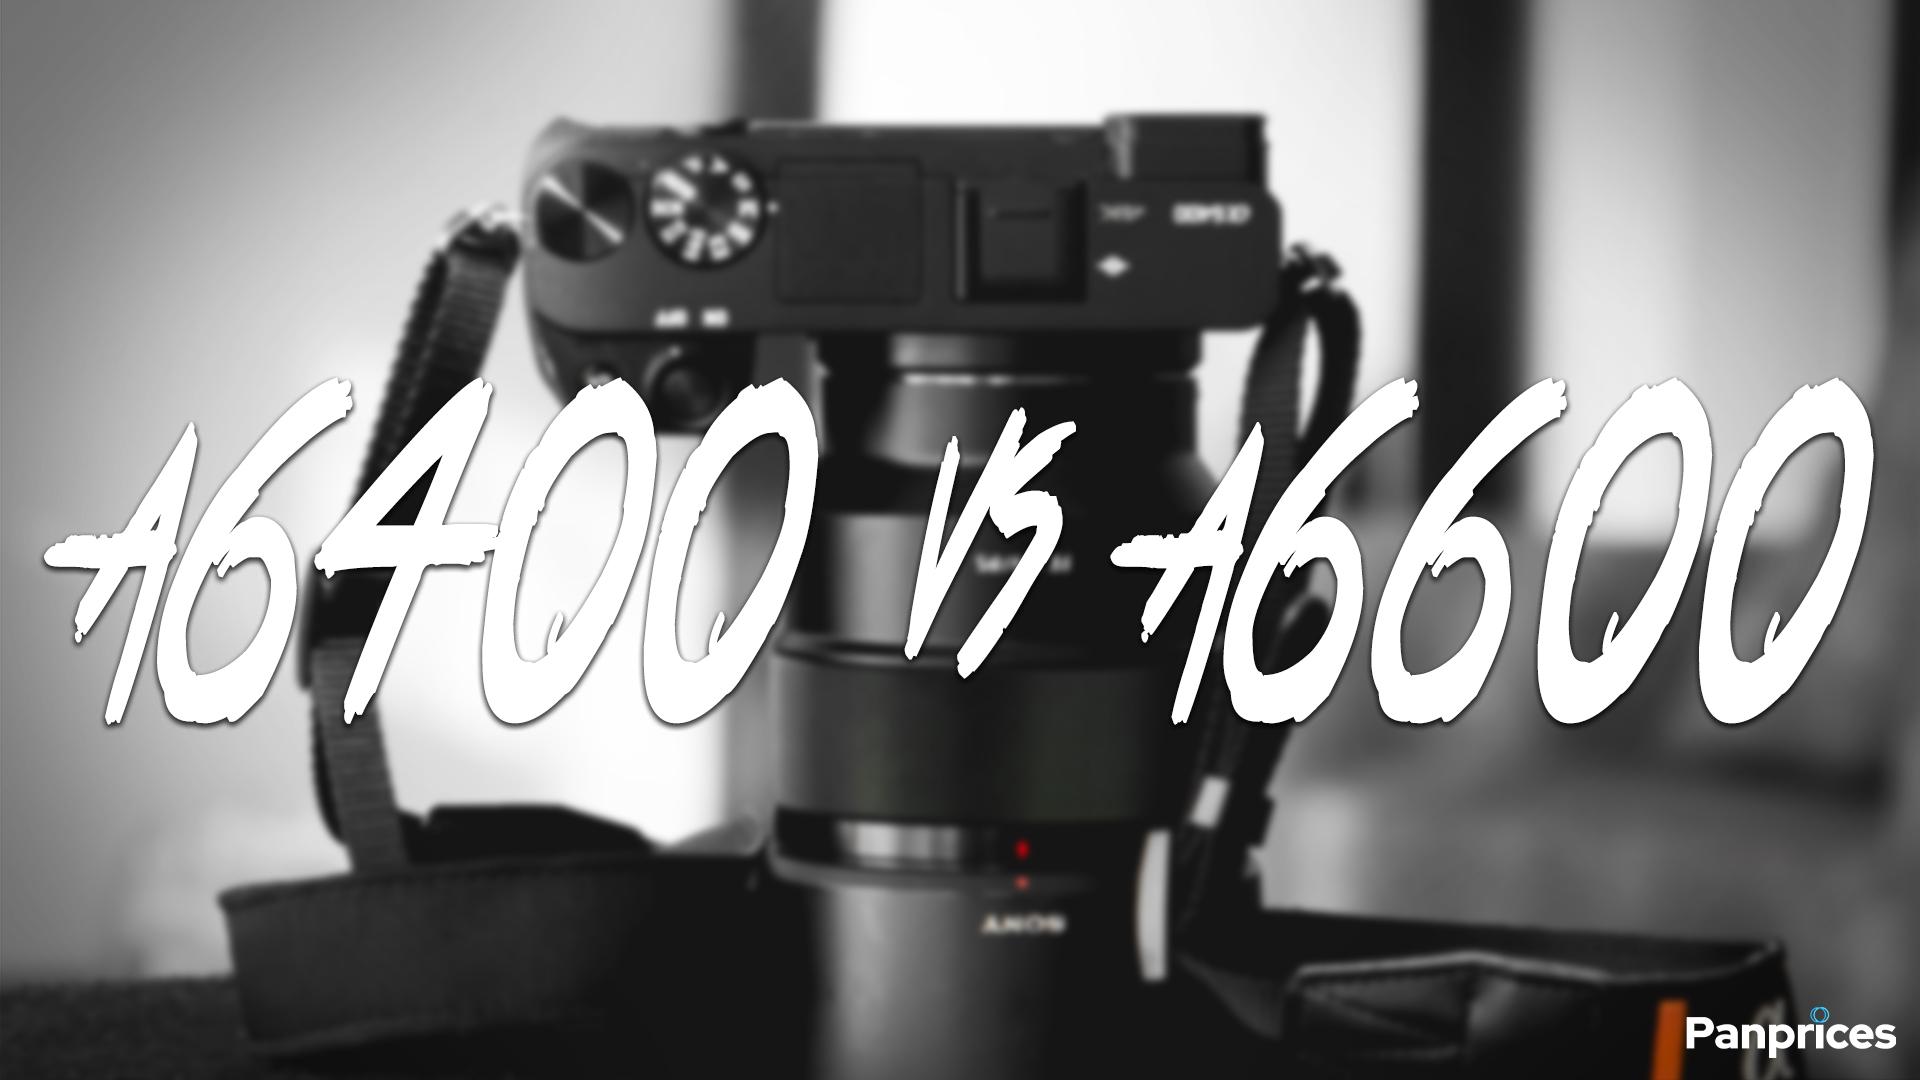 Sony a6400 jämfört med a6600